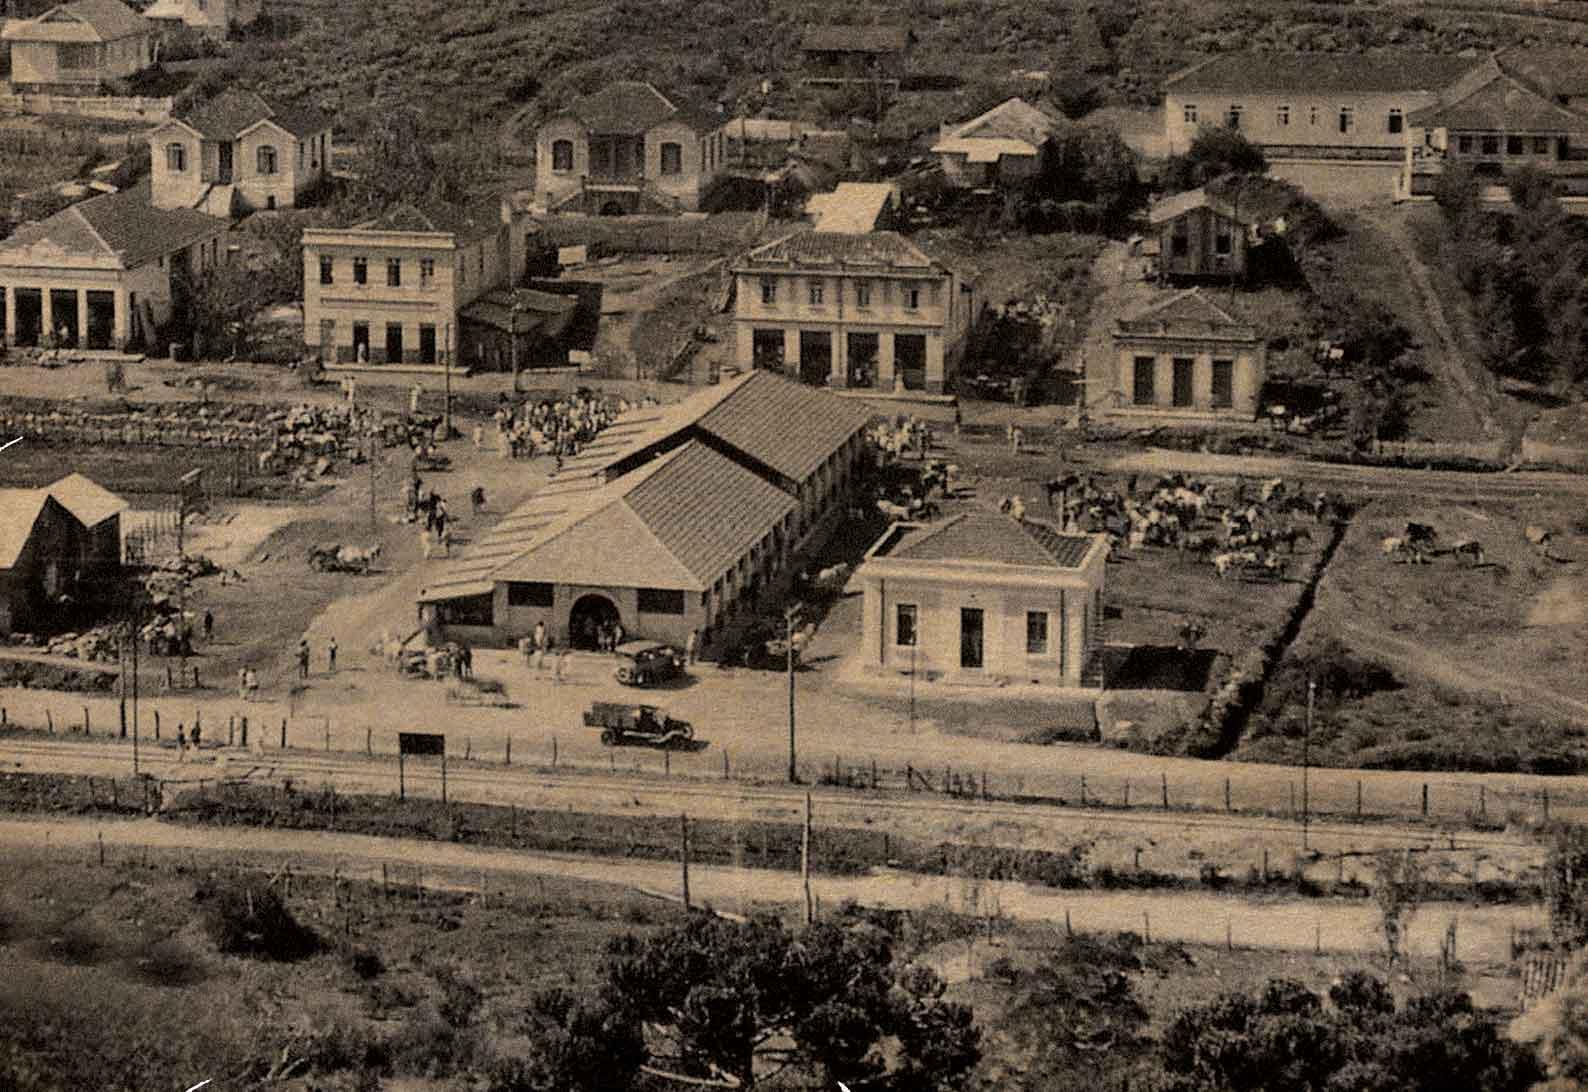 campos-do-jordao-historia-vila-abernesia-1930-bx